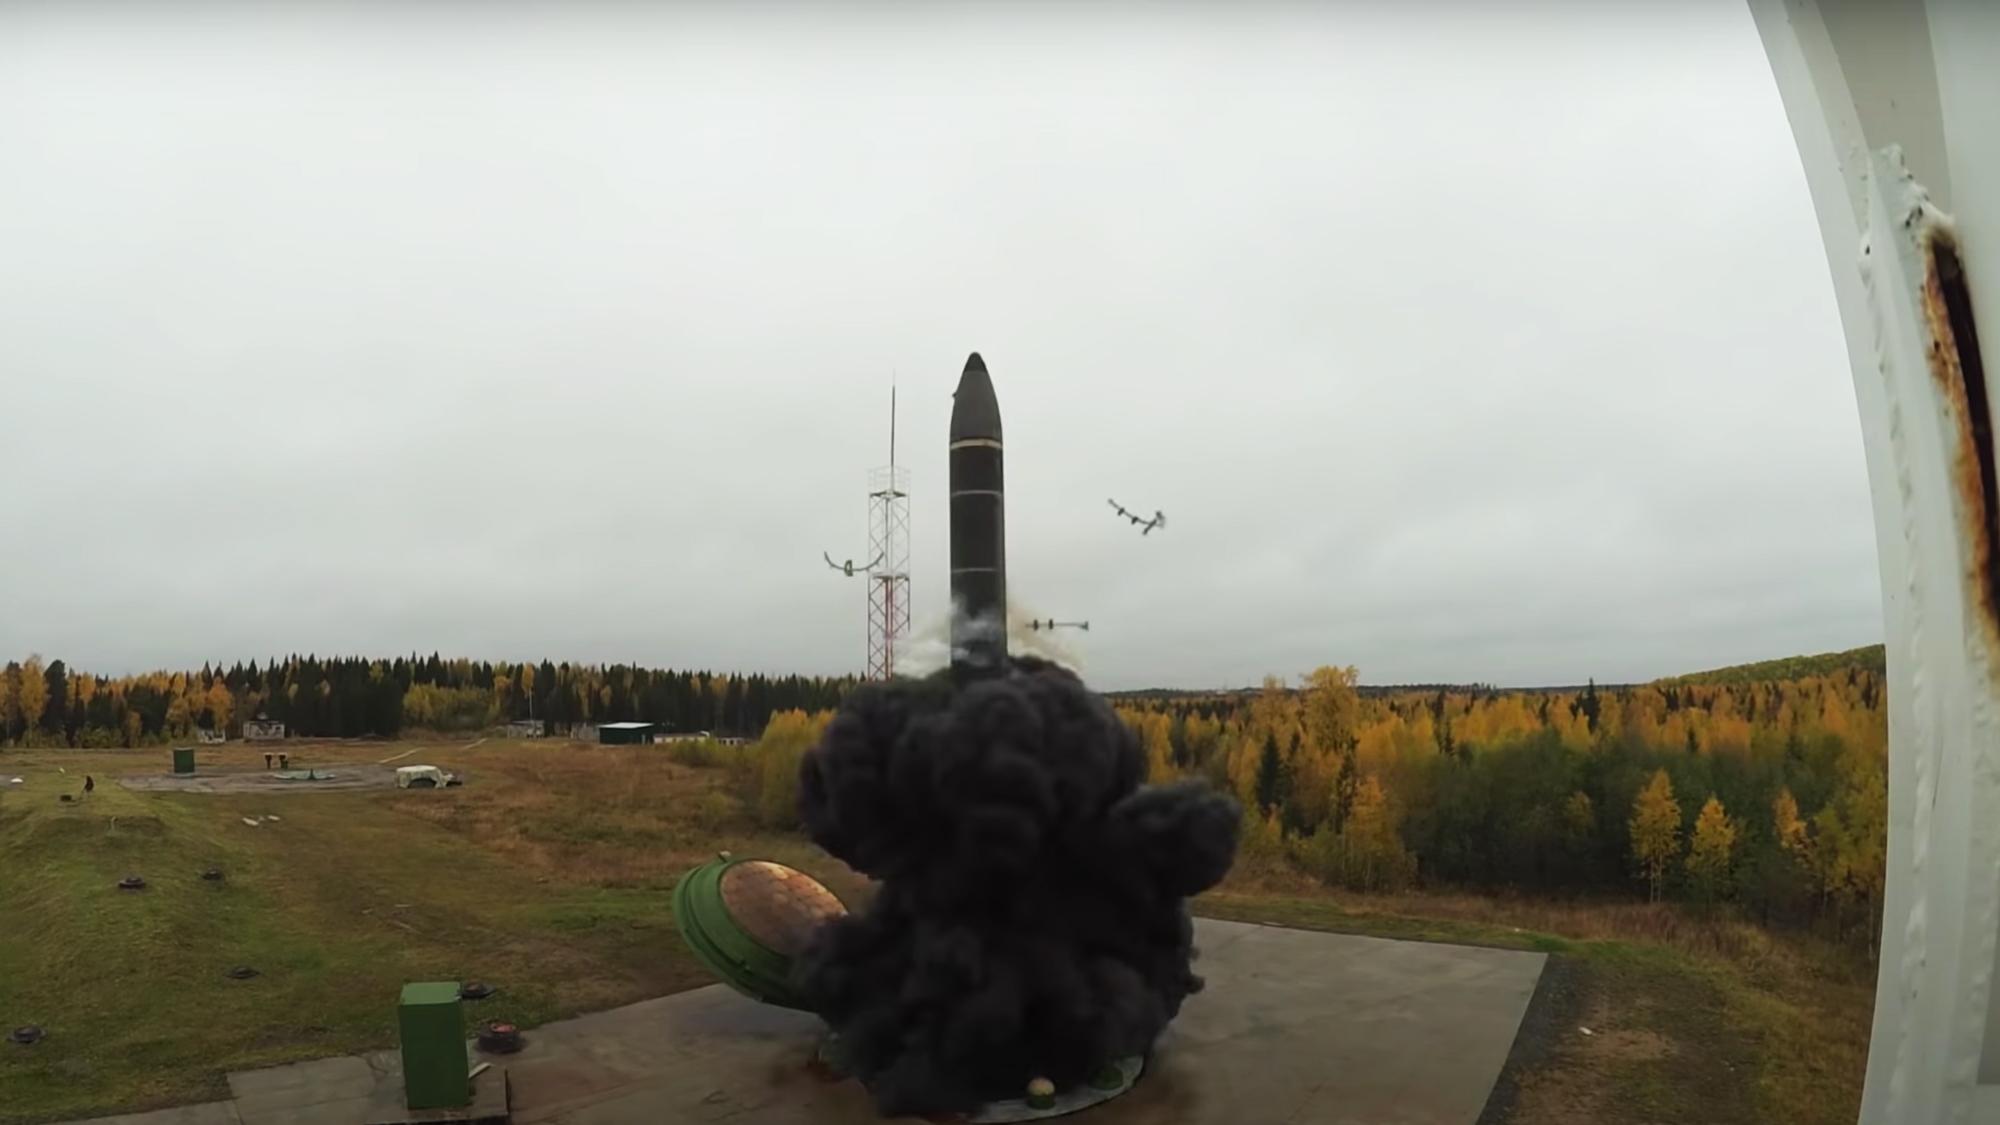 'Наследник Сатаны' и новый 'Ядерный призрак': каким будет новый ракетный комплекс 'Кедр'